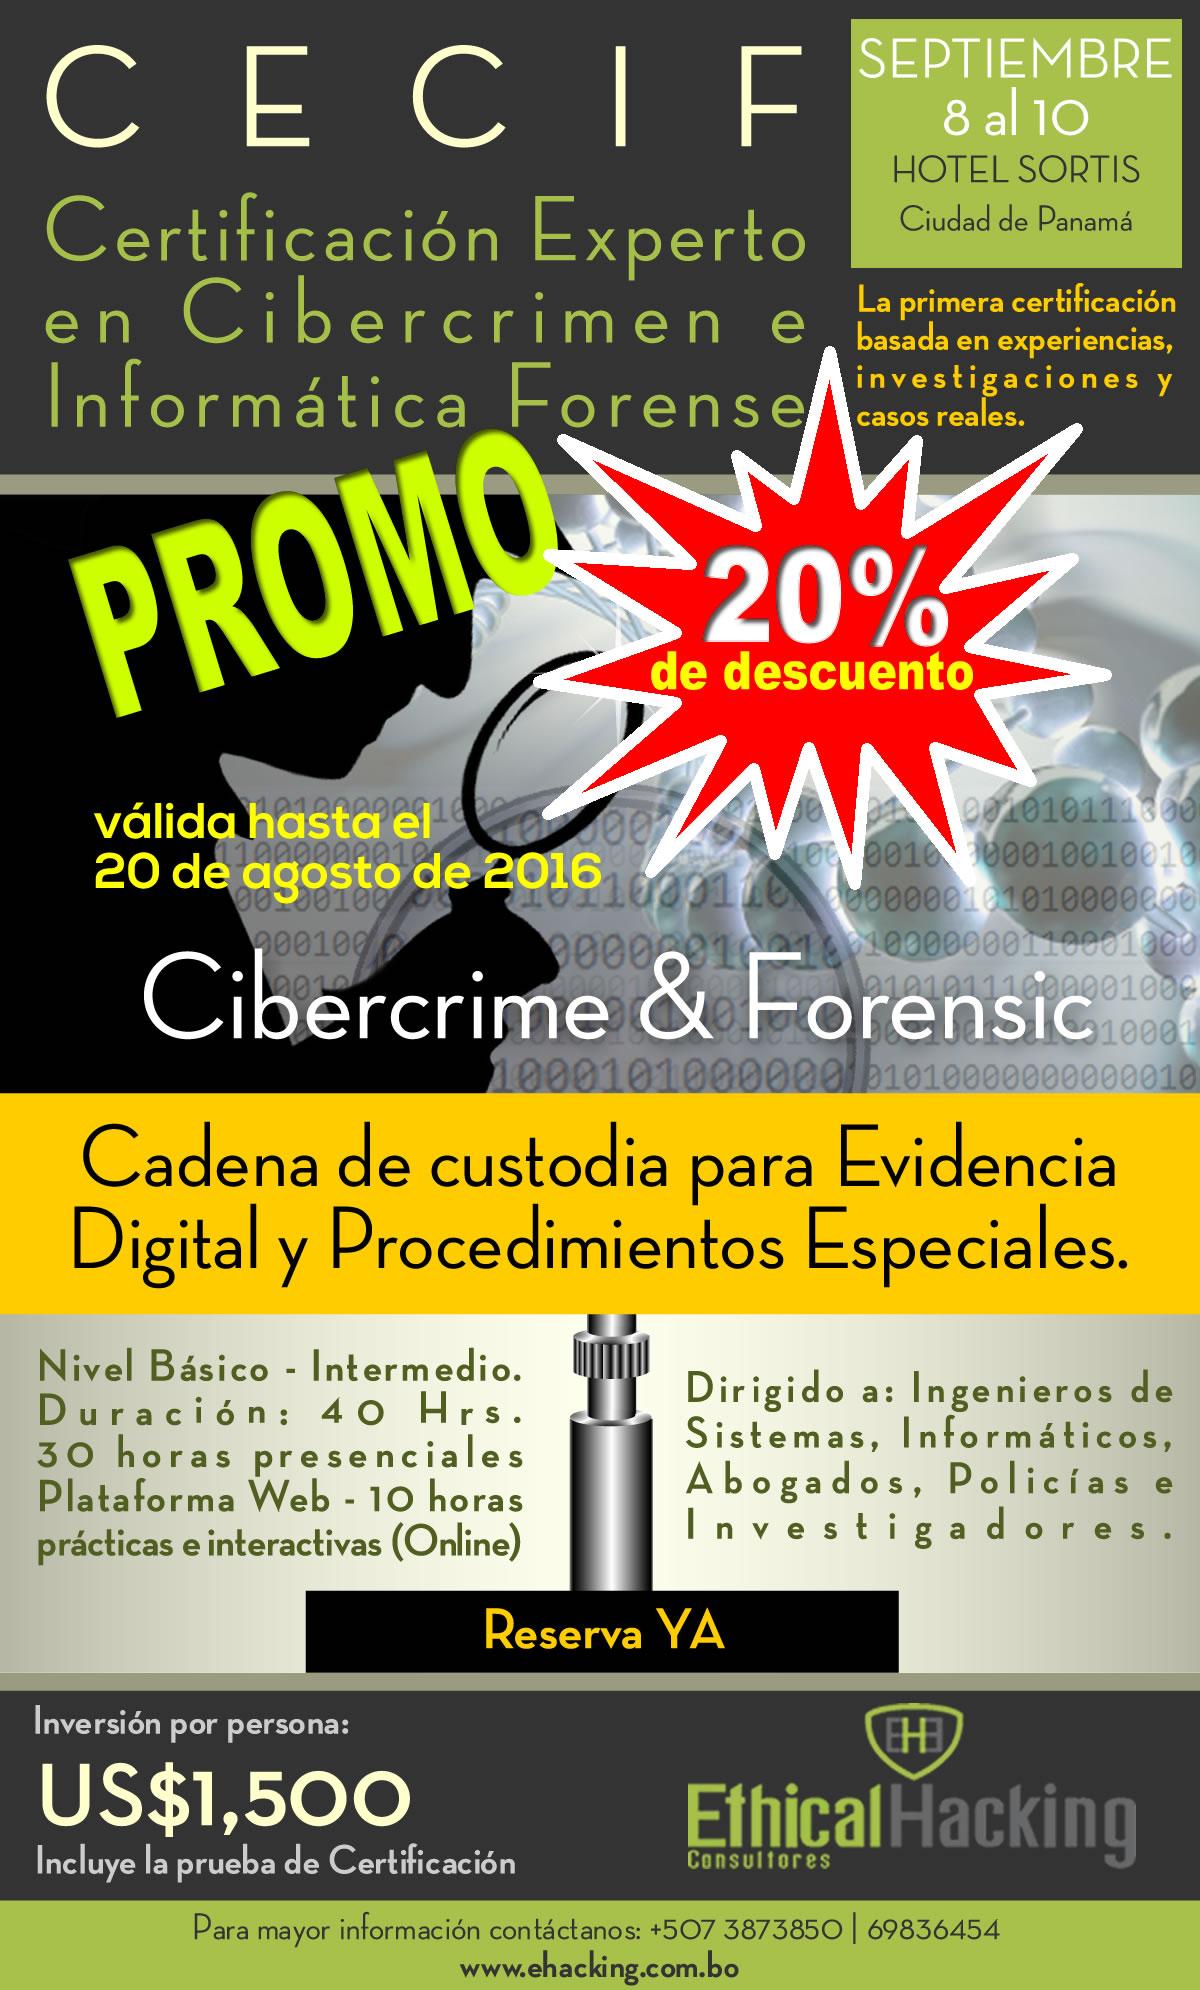 SEPTIEMBRE_PROMO_flyer_CICEF